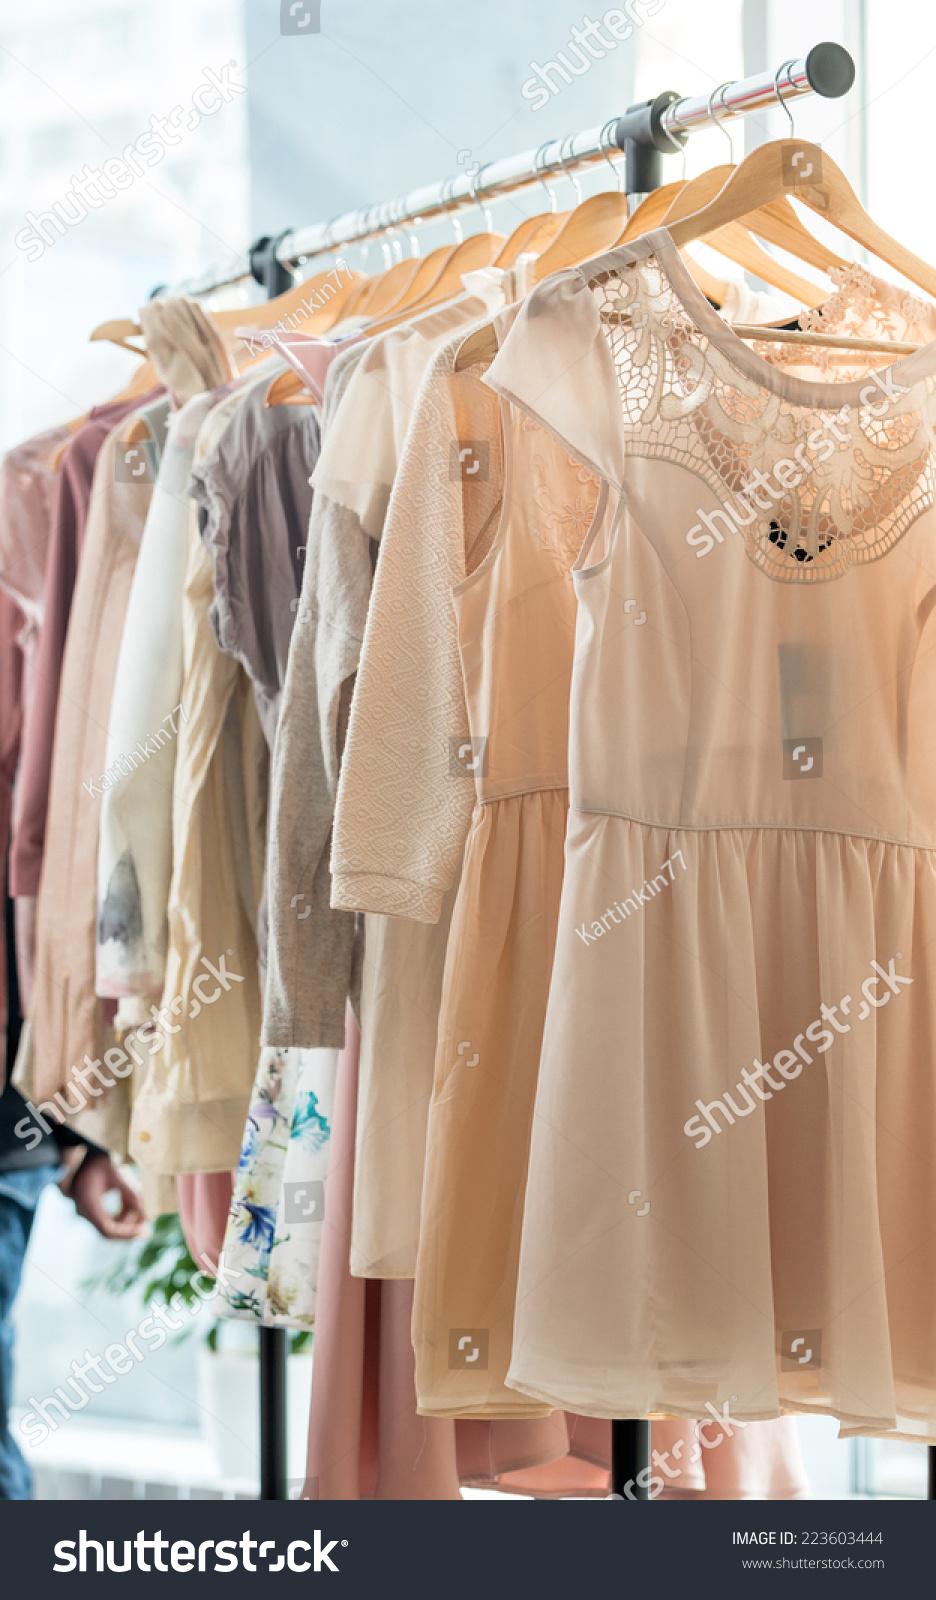 木衣架的浅色衣服-物体,美容\/时装服饰-海洛创意(HelloRF)-Shutterstock中国独家合作伙伴-正版素材在线交易平台-站酷旗下品牌